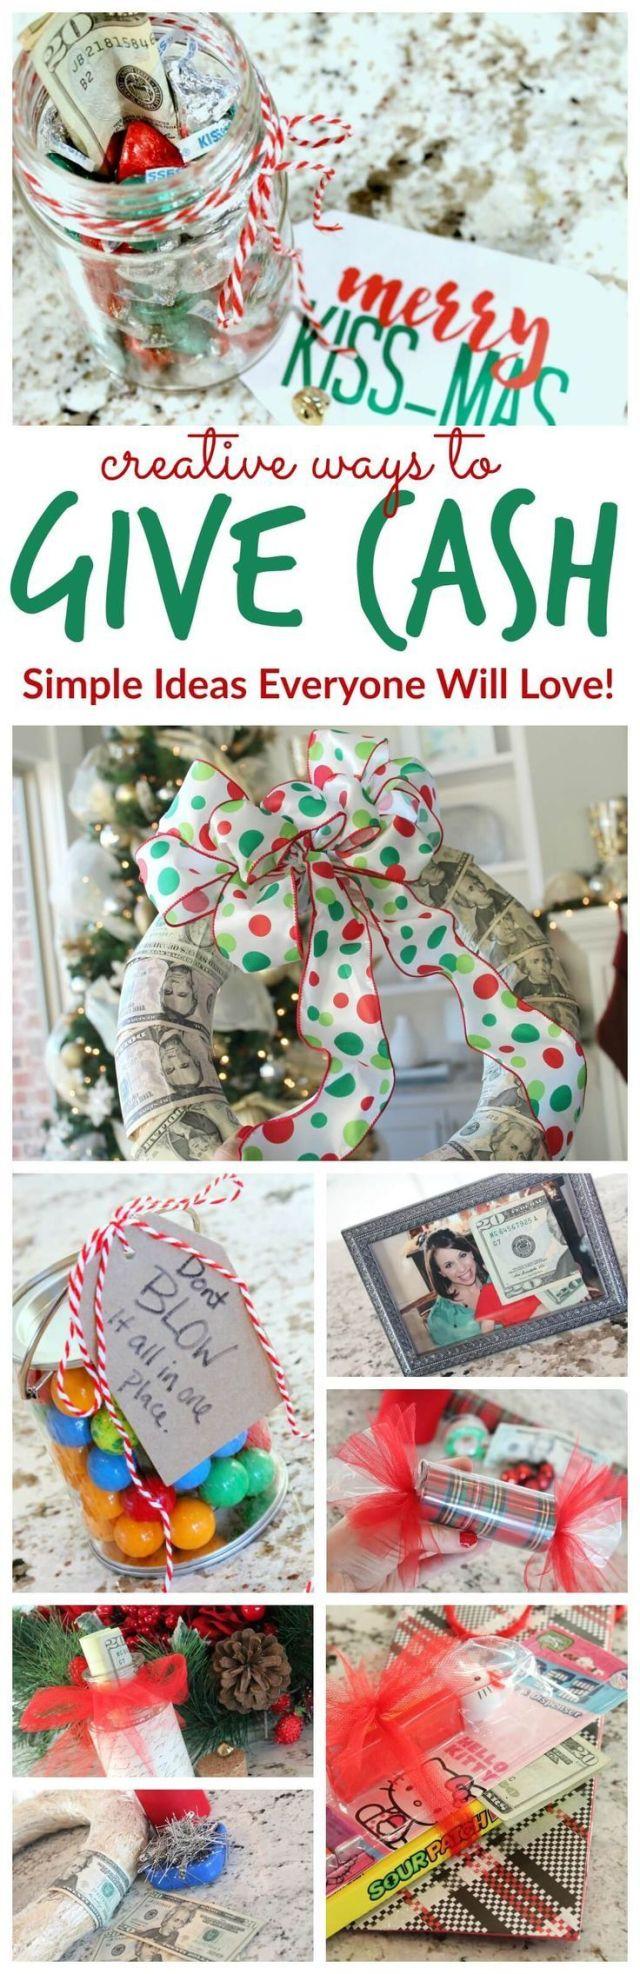 0cb3ee3edc0b94521d12499770603091 cash gifts fun gifts